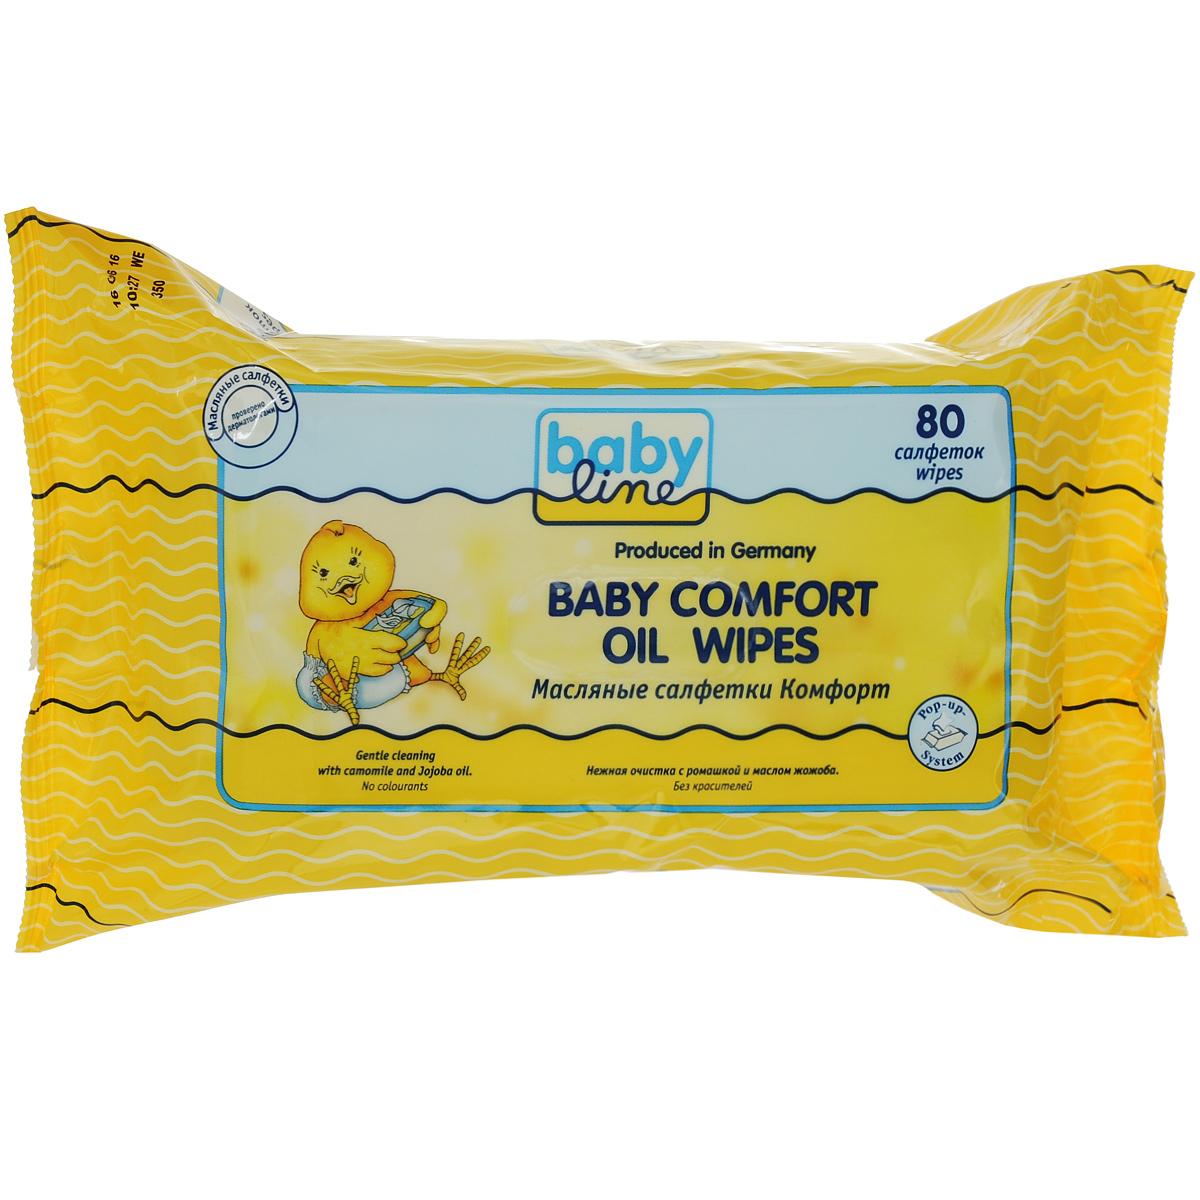 BabyLine Масляные салфетки Baby Comfort, с ромашкой и маслом жожоба, 80 шт208068Масляные салфетки идеальны для нежной и тщательной очистки в области подгузников. Состав с натуральным масло жожоба ухаживает за кожей, предохраняя ее от высыхания. Идеальны для прогулок и путешествий. Товар сертифицирован.